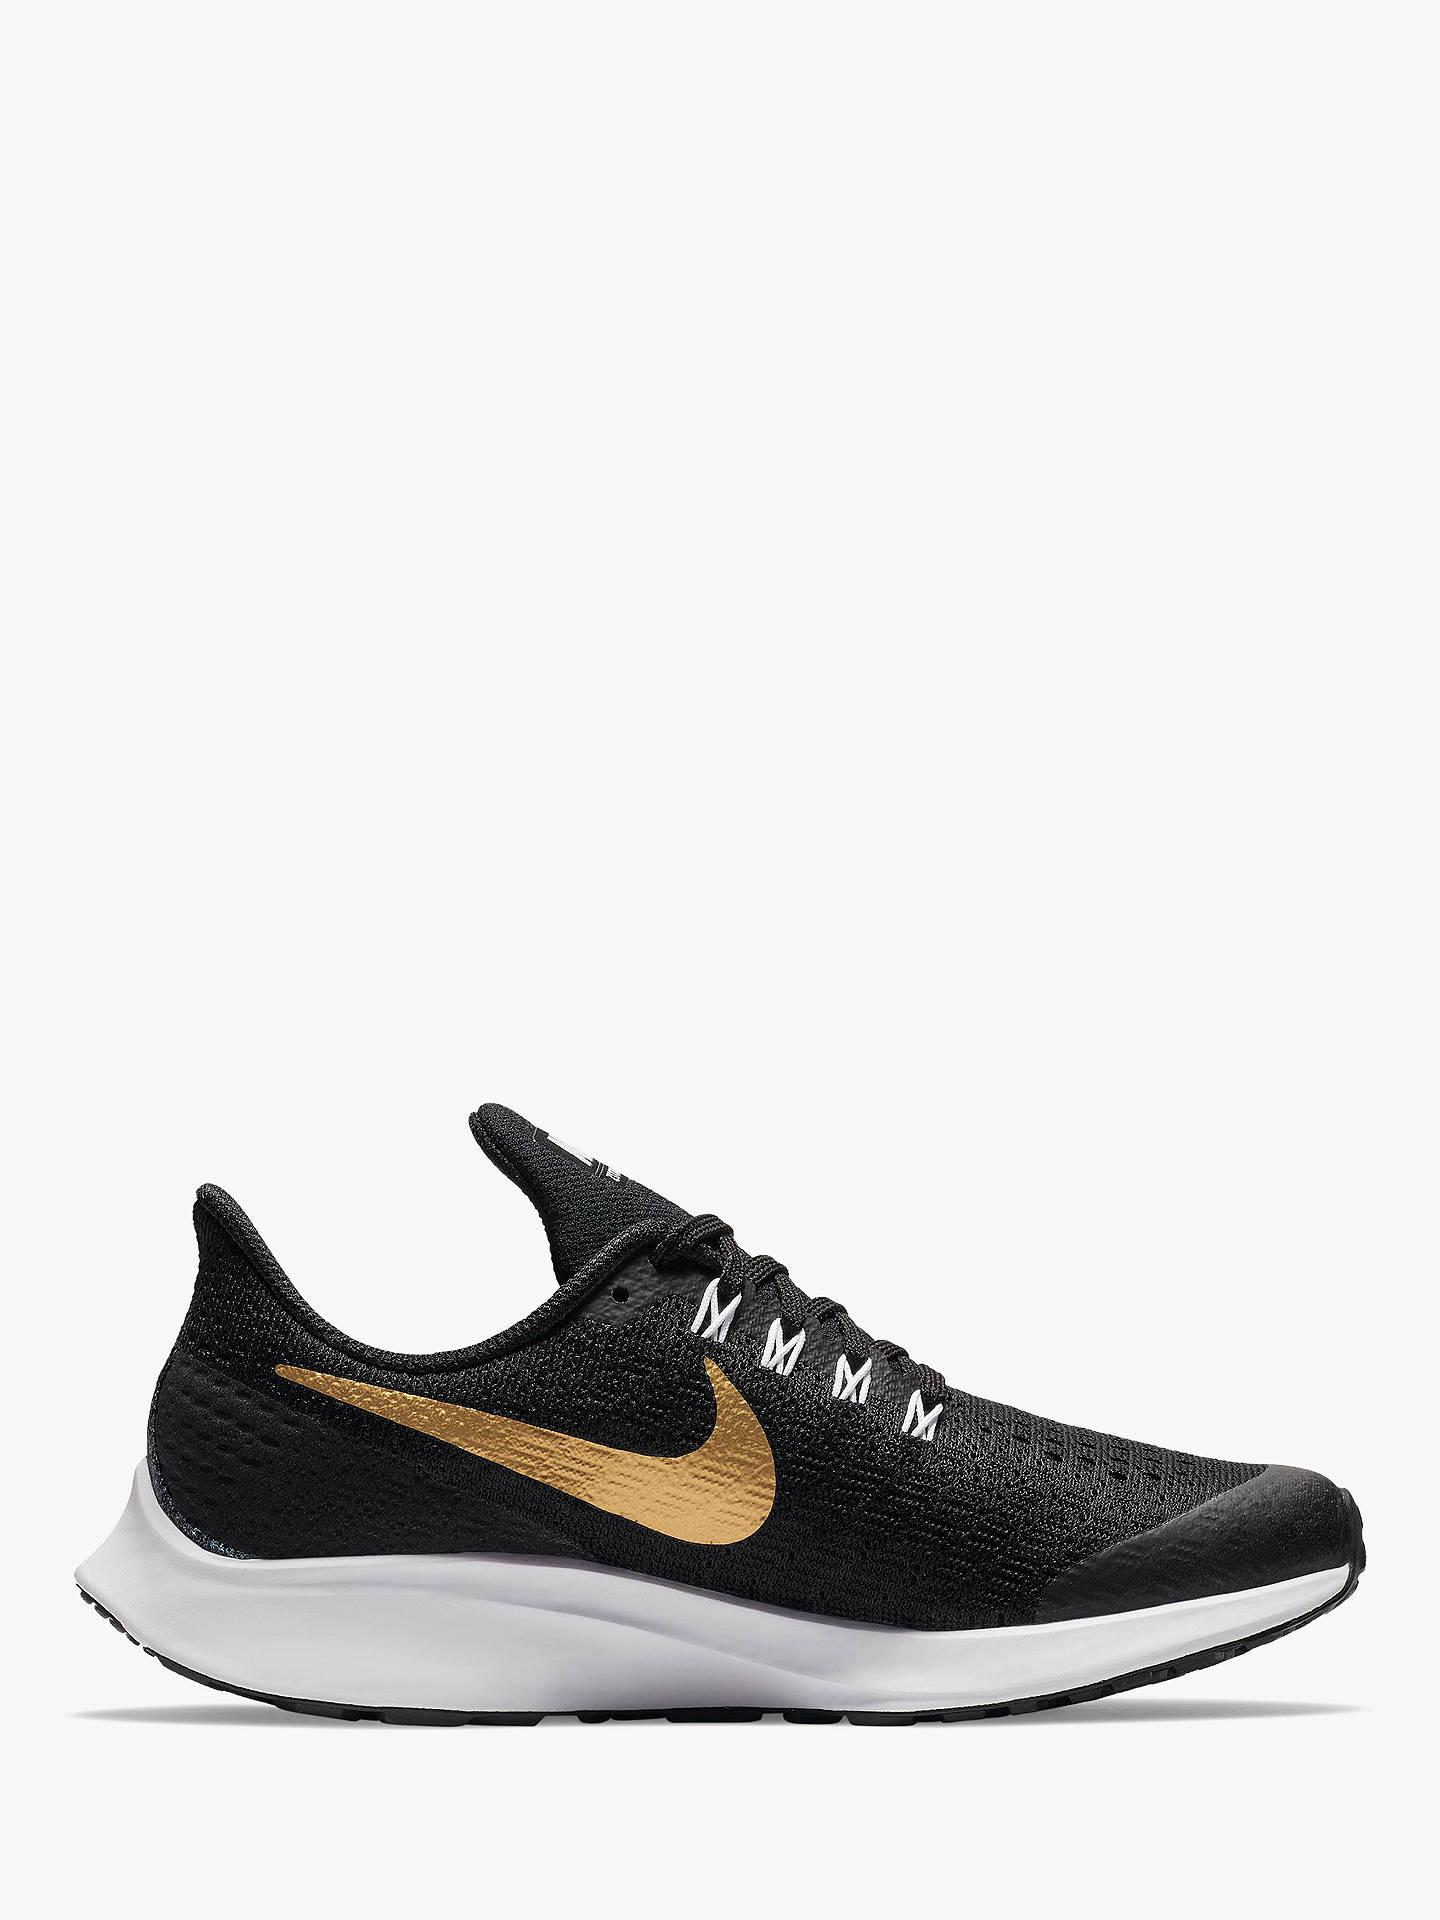 129c6848bb85 Nike Children s Air Zoom Pegasus 35 Running Shoes at John Lewis ...